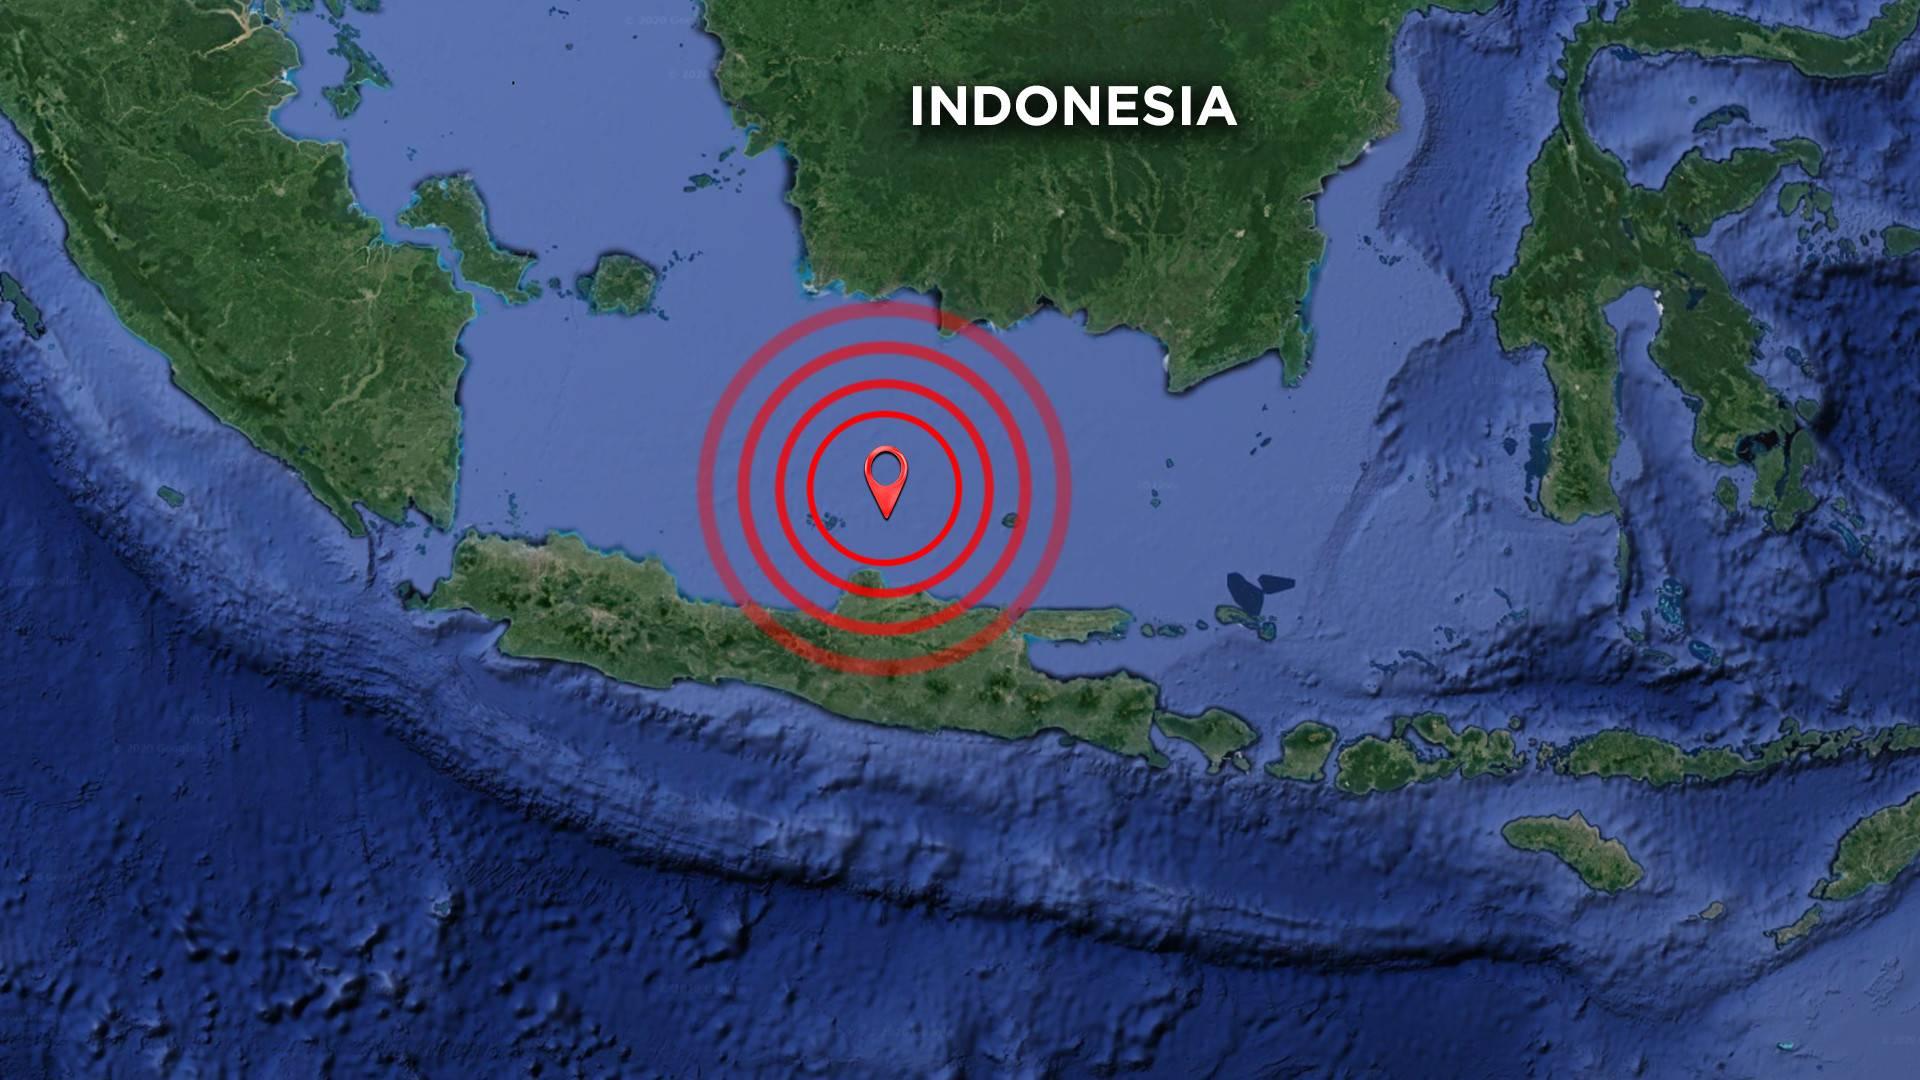 Cutremur devastator în Indonezia, 6.6 grade pe scara Richter!